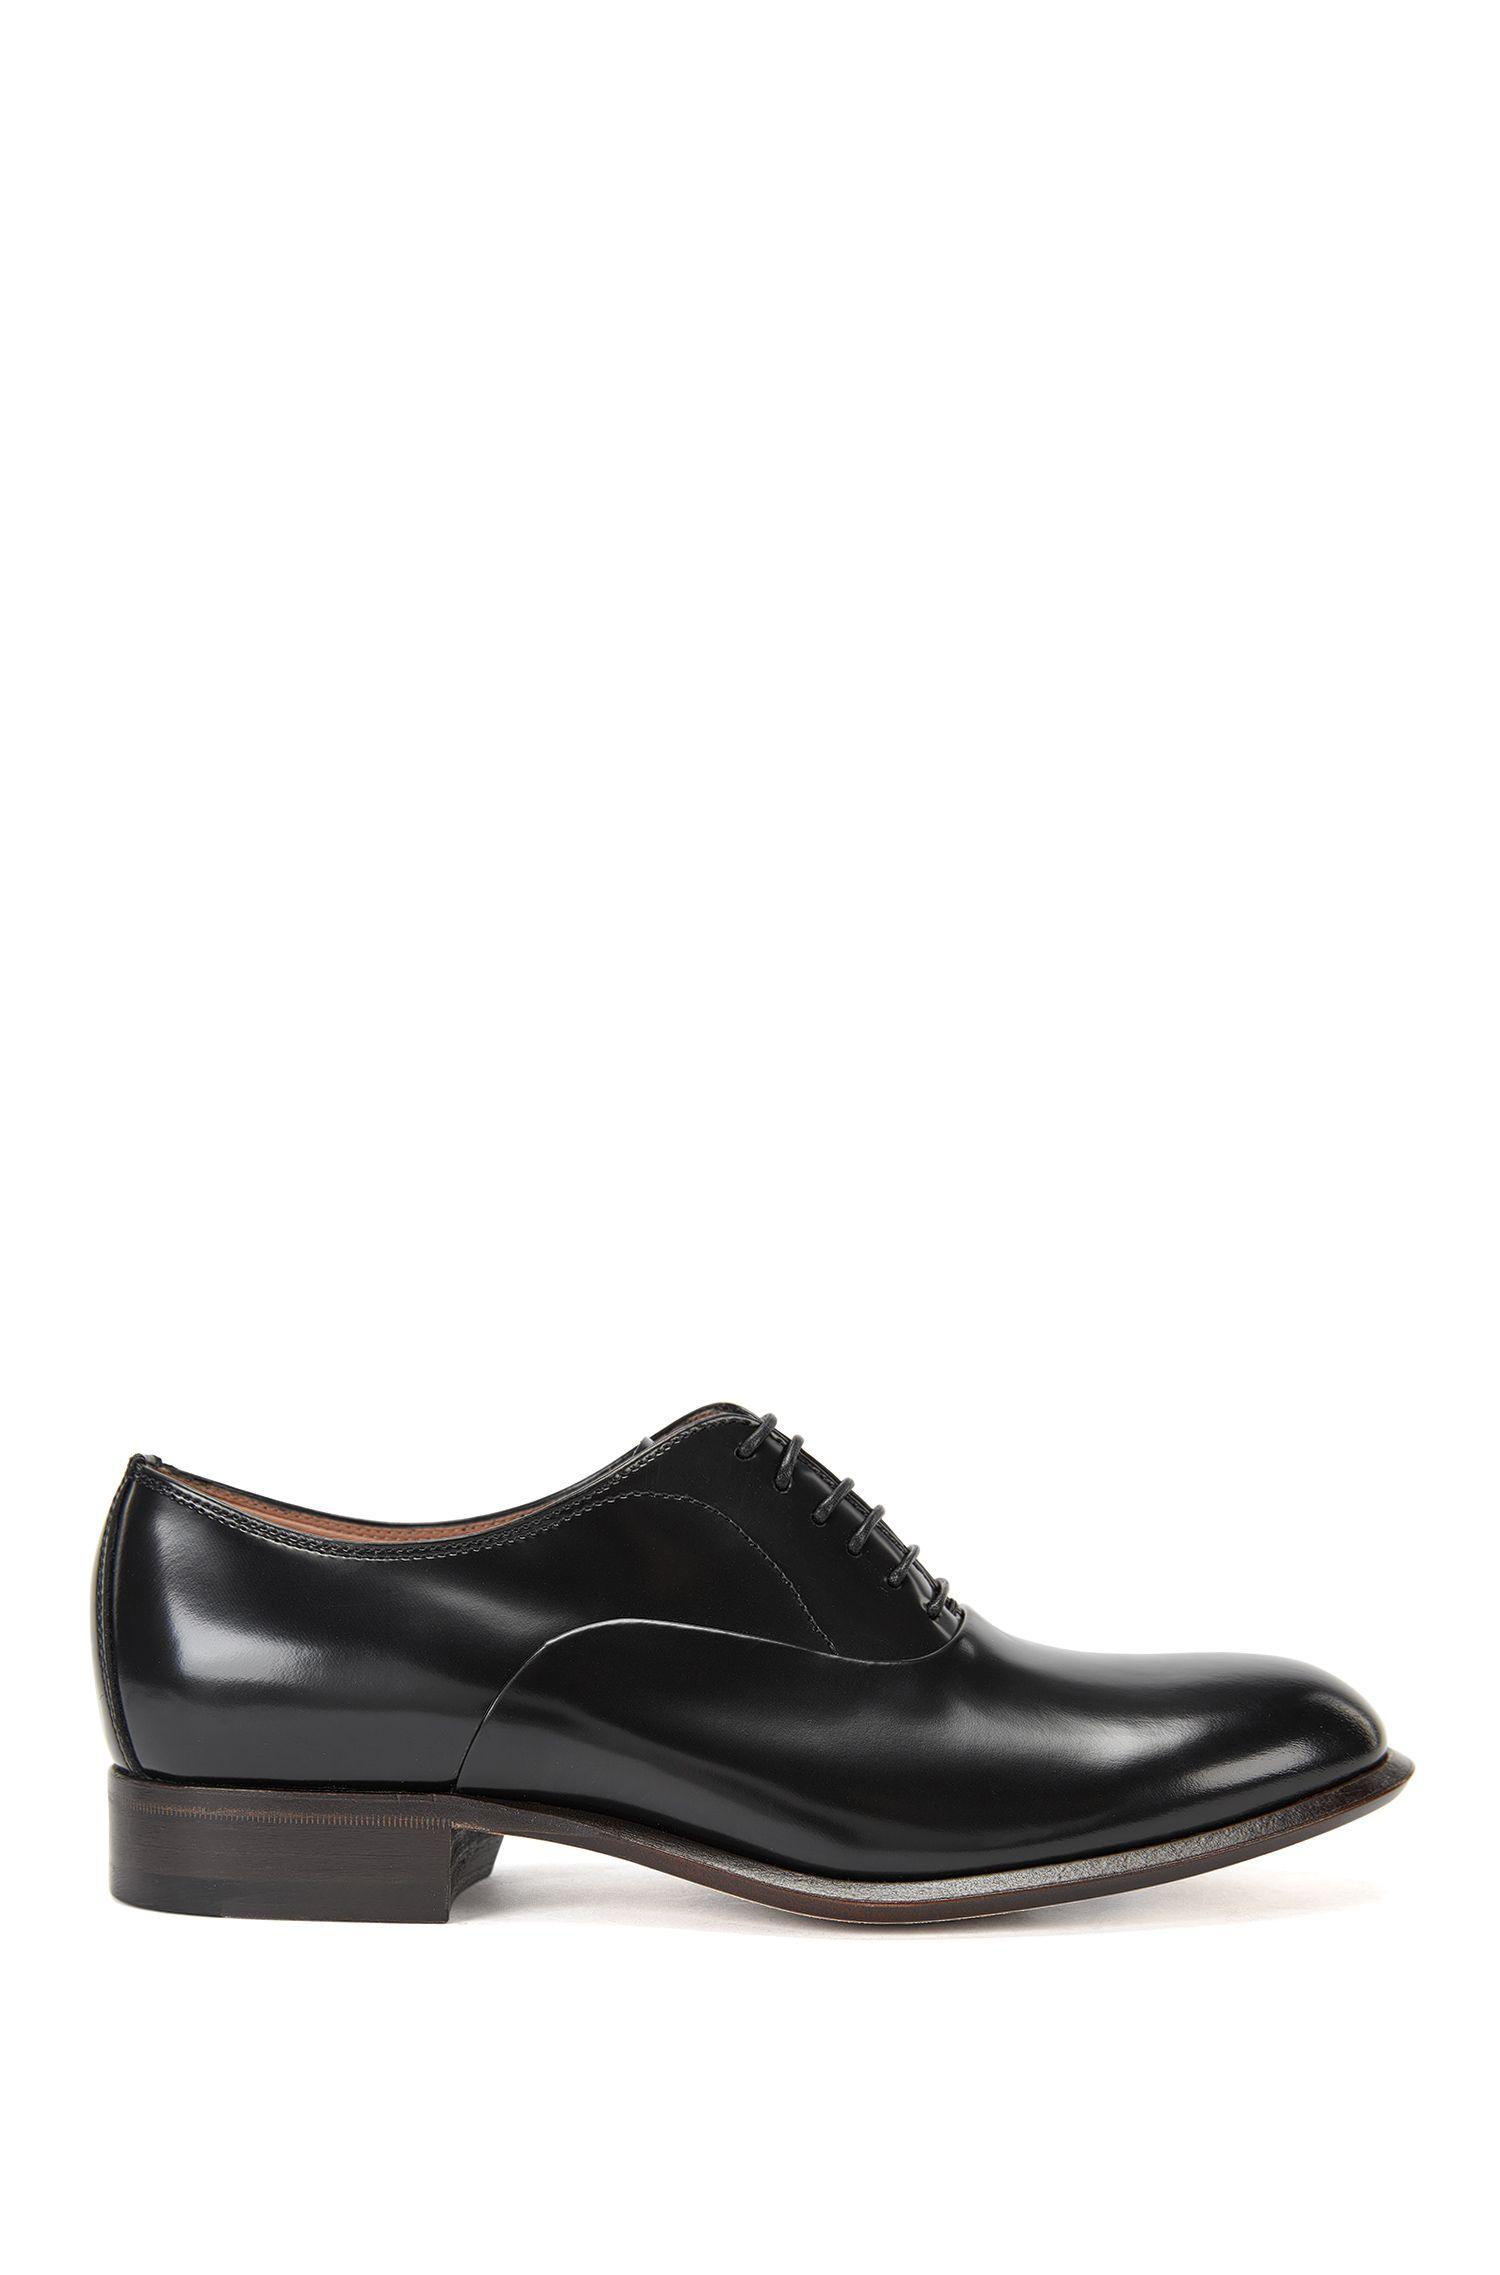 Chaussures à lacets en cuir italien